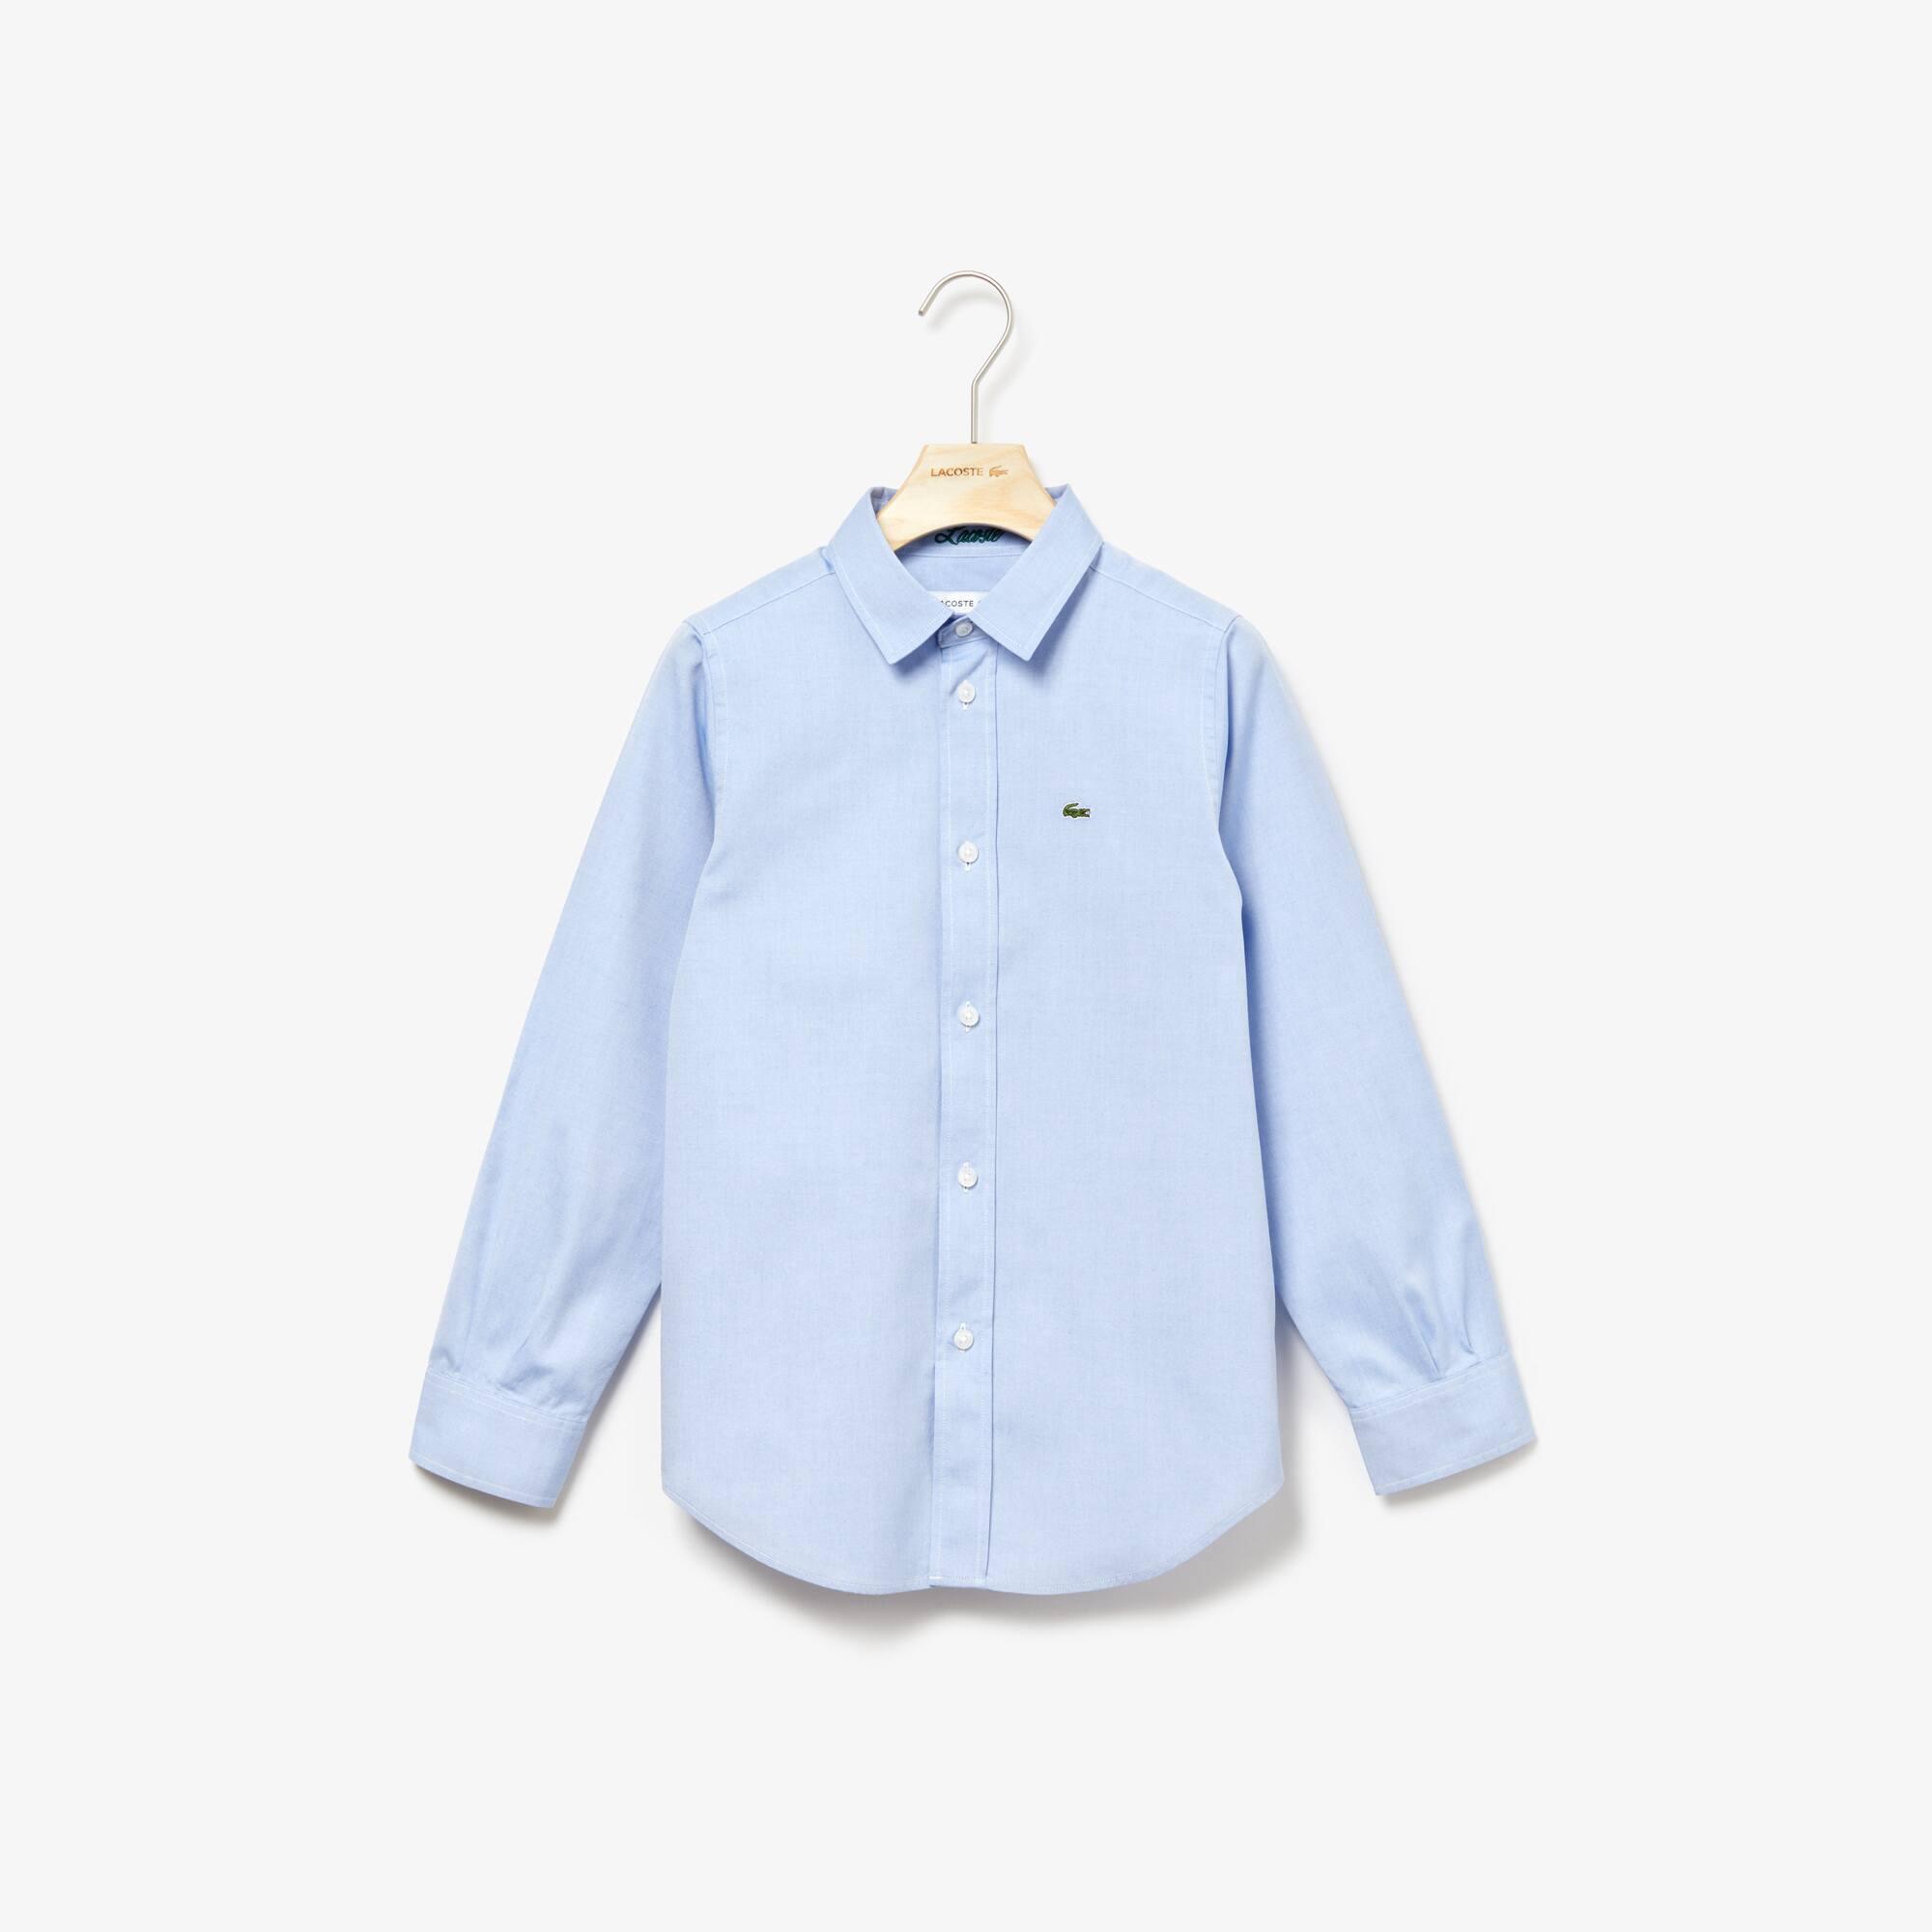 Chemise Enfant en coton Oxford uni